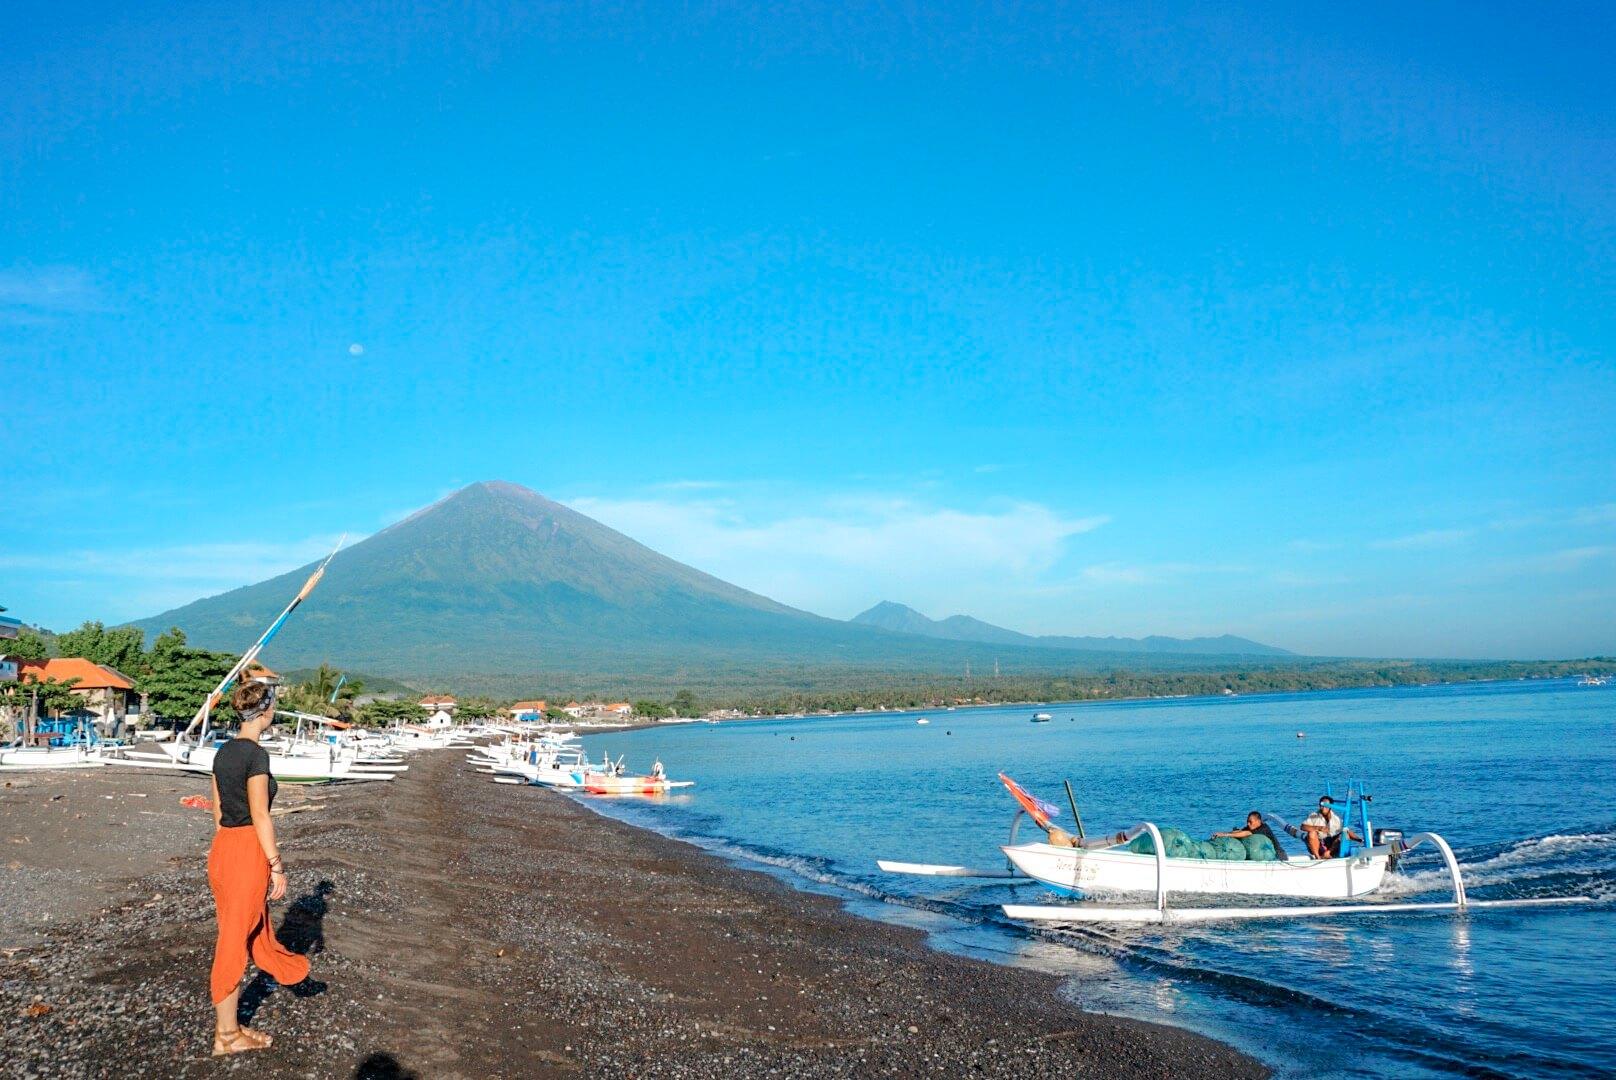 aller plage amed Bali volcan et pêcheurs